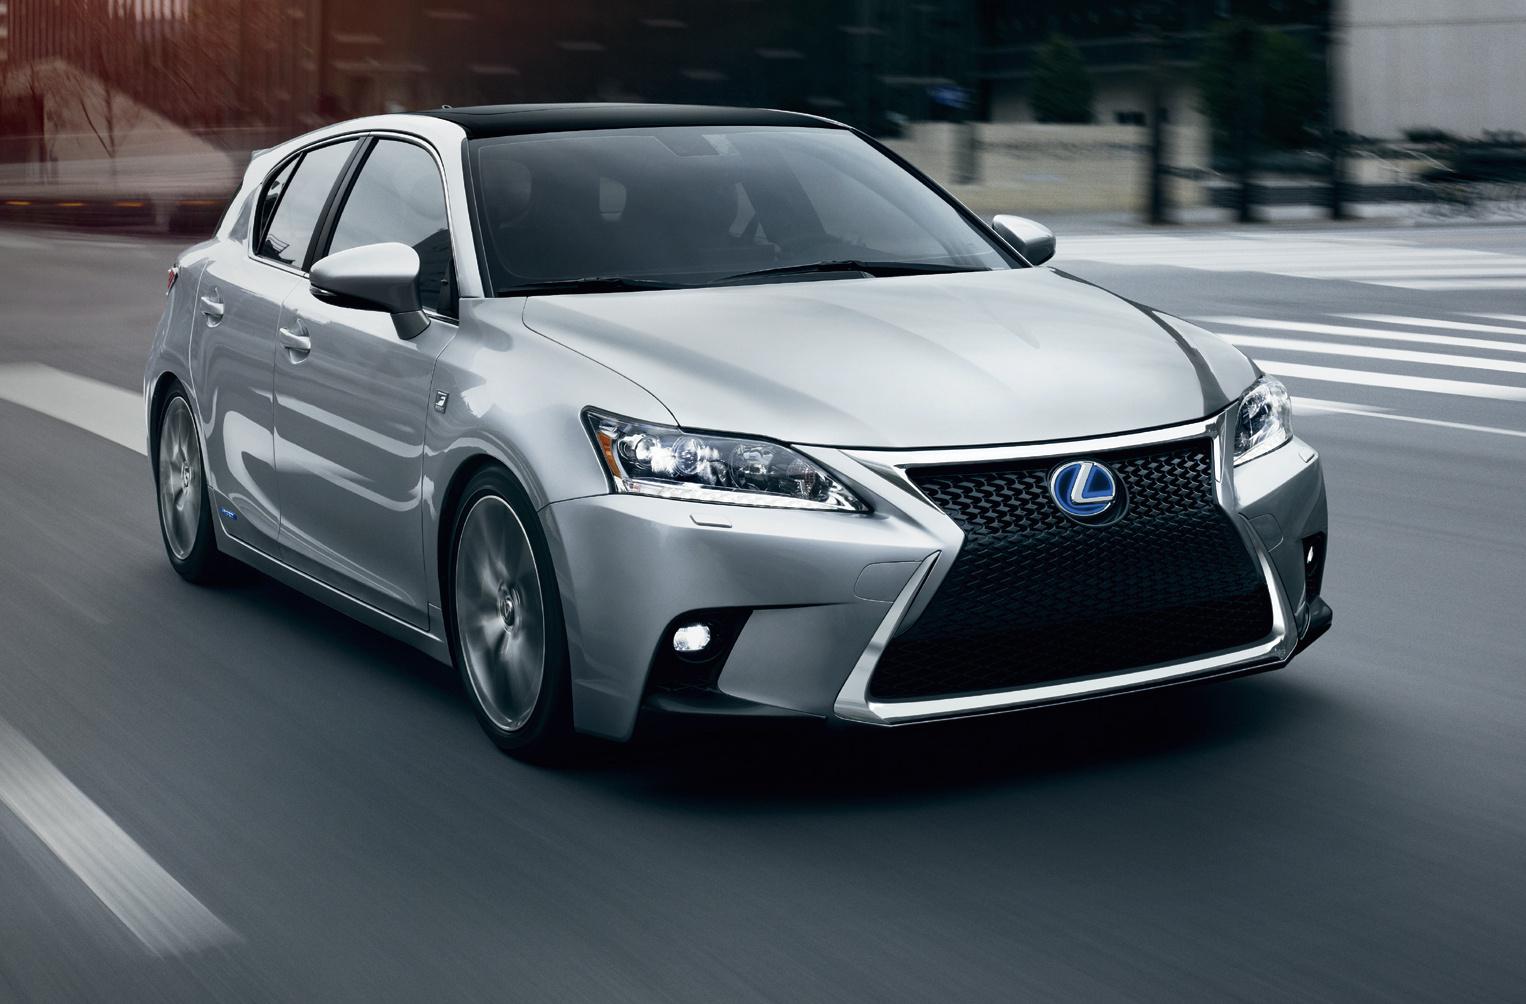 Más equipamiento y tecnología con ligeros retoques en los materiales que realzan el diseño deportivo de este compacto hibrido de Lexus.